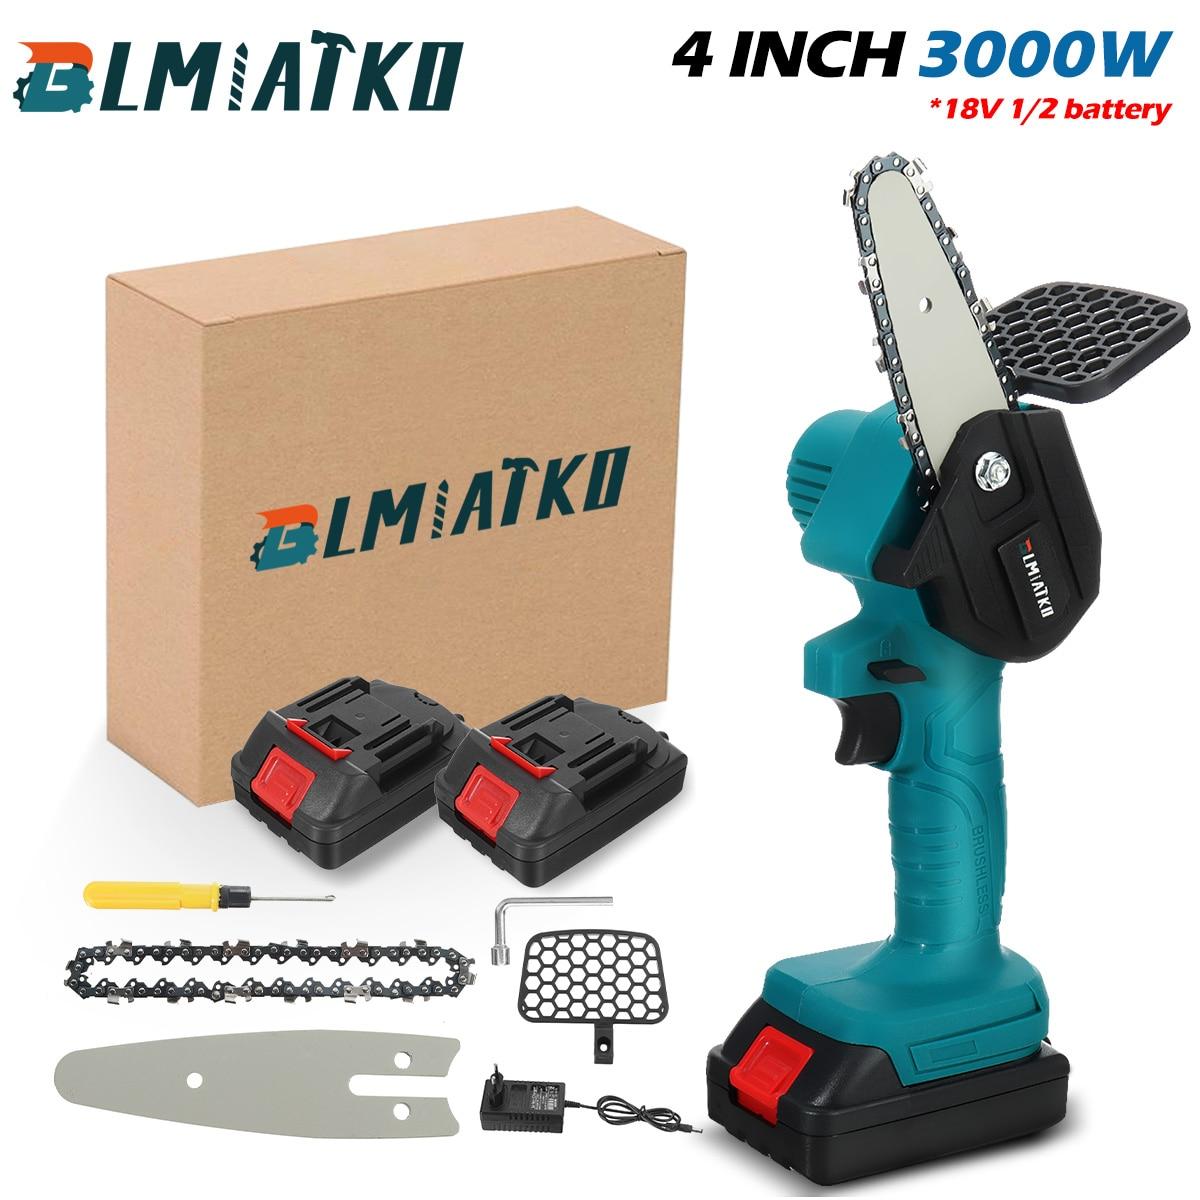 Электрическая цепная пила BLMIATKO, беспроводная, 4 дюйма, 18 в, 2400 Вт, с аккумулятором